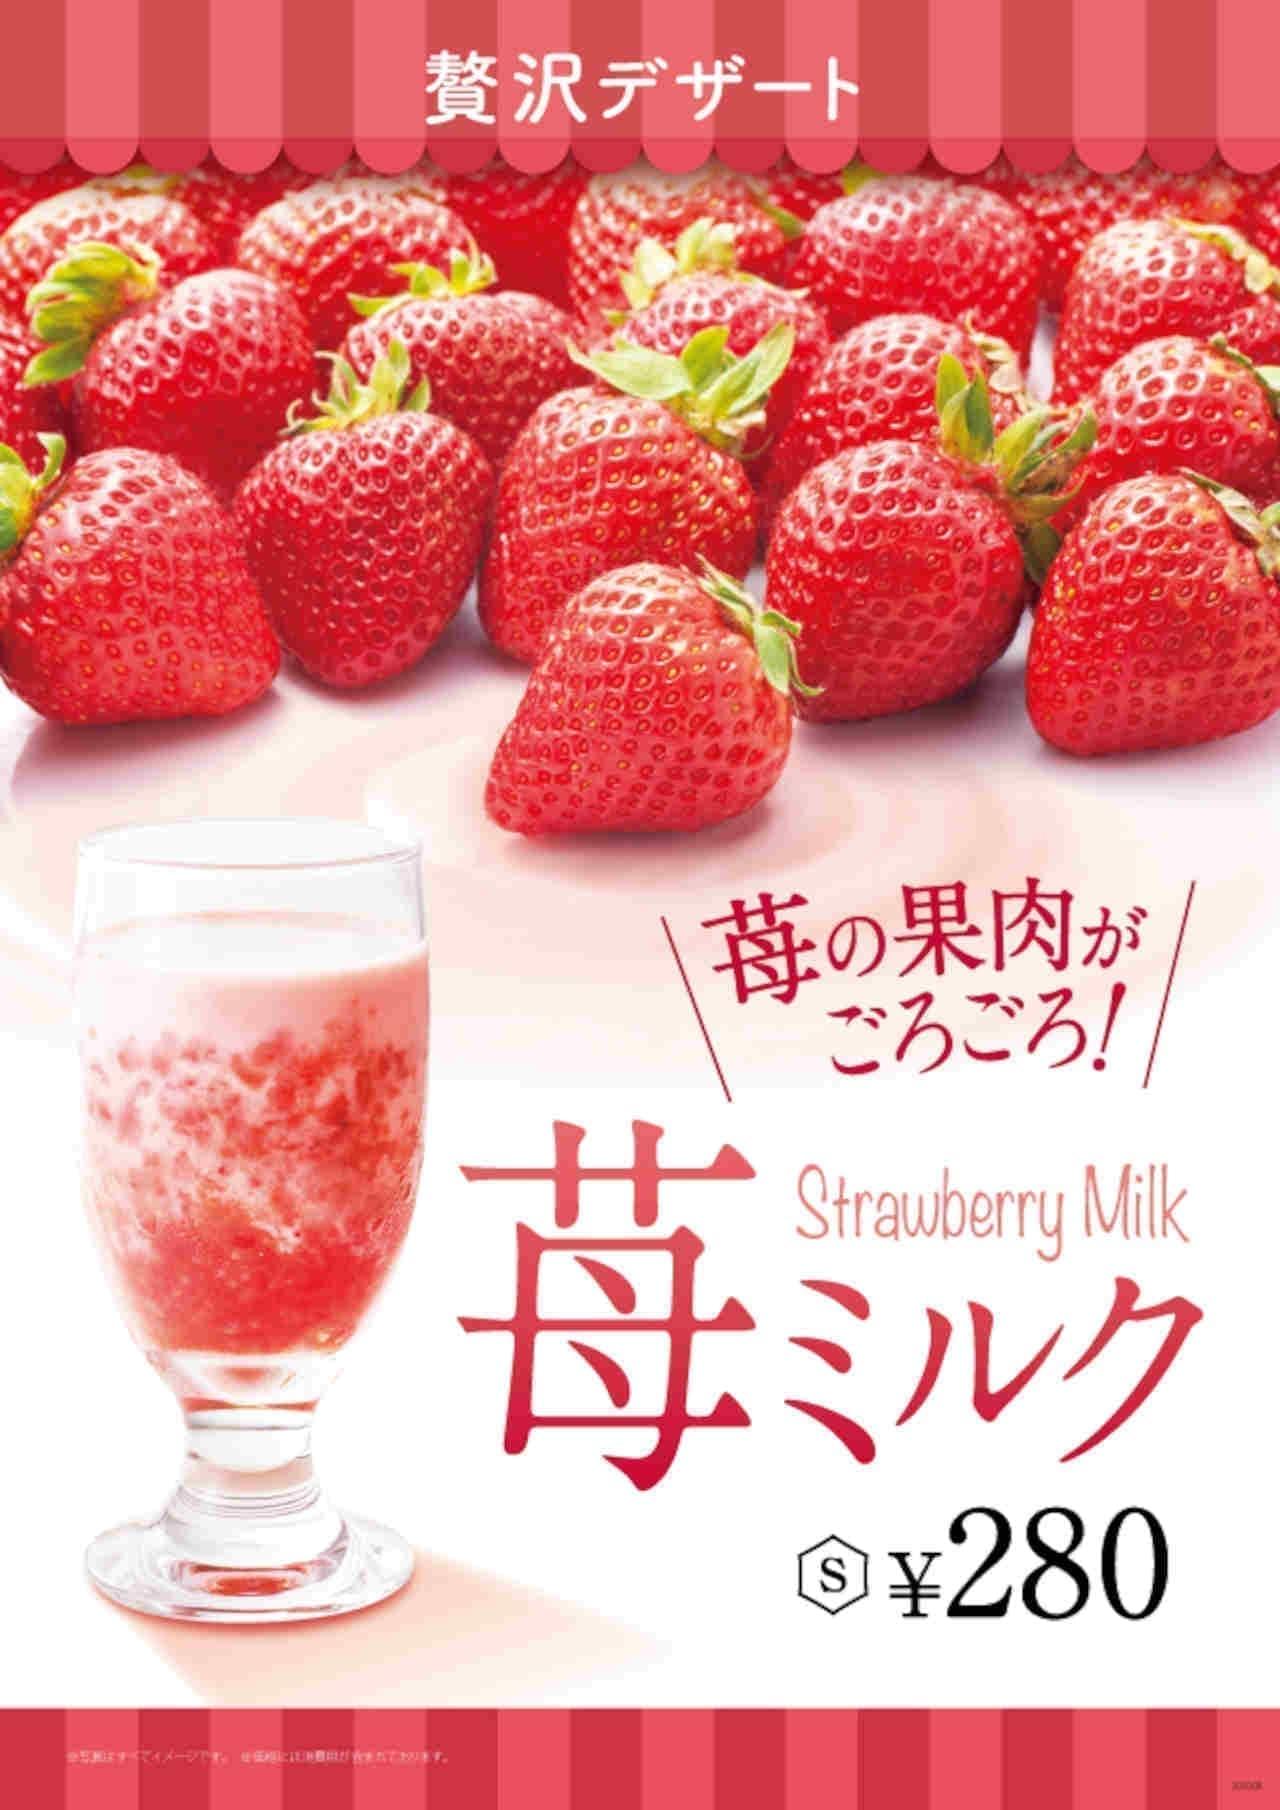 JRエキナカ「ハニーズバー」に「特選 二十世紀梨」と「贅沢デザート 苺ミルク」登場!